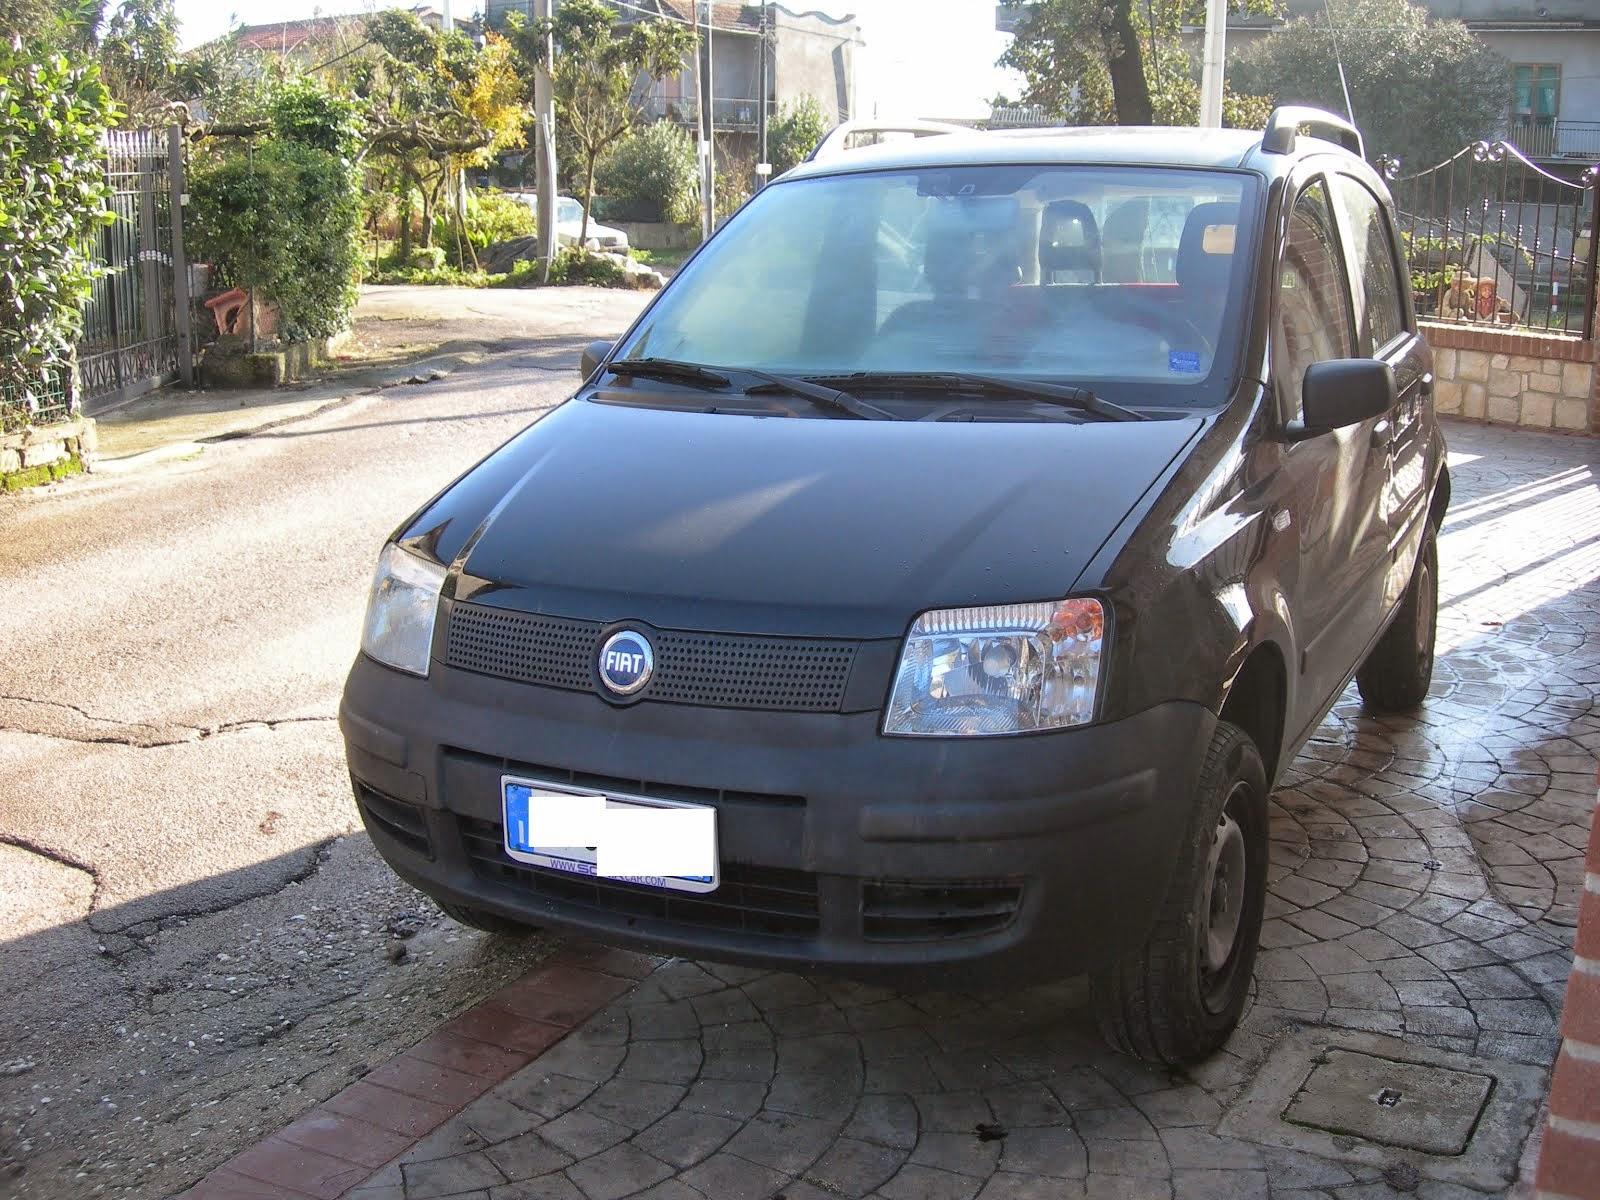 Fiat Panda 1.3 Multijet 75 CV 4x4 Anno 2006 140.000 km senza clima Prezzo 5.000,00 euro